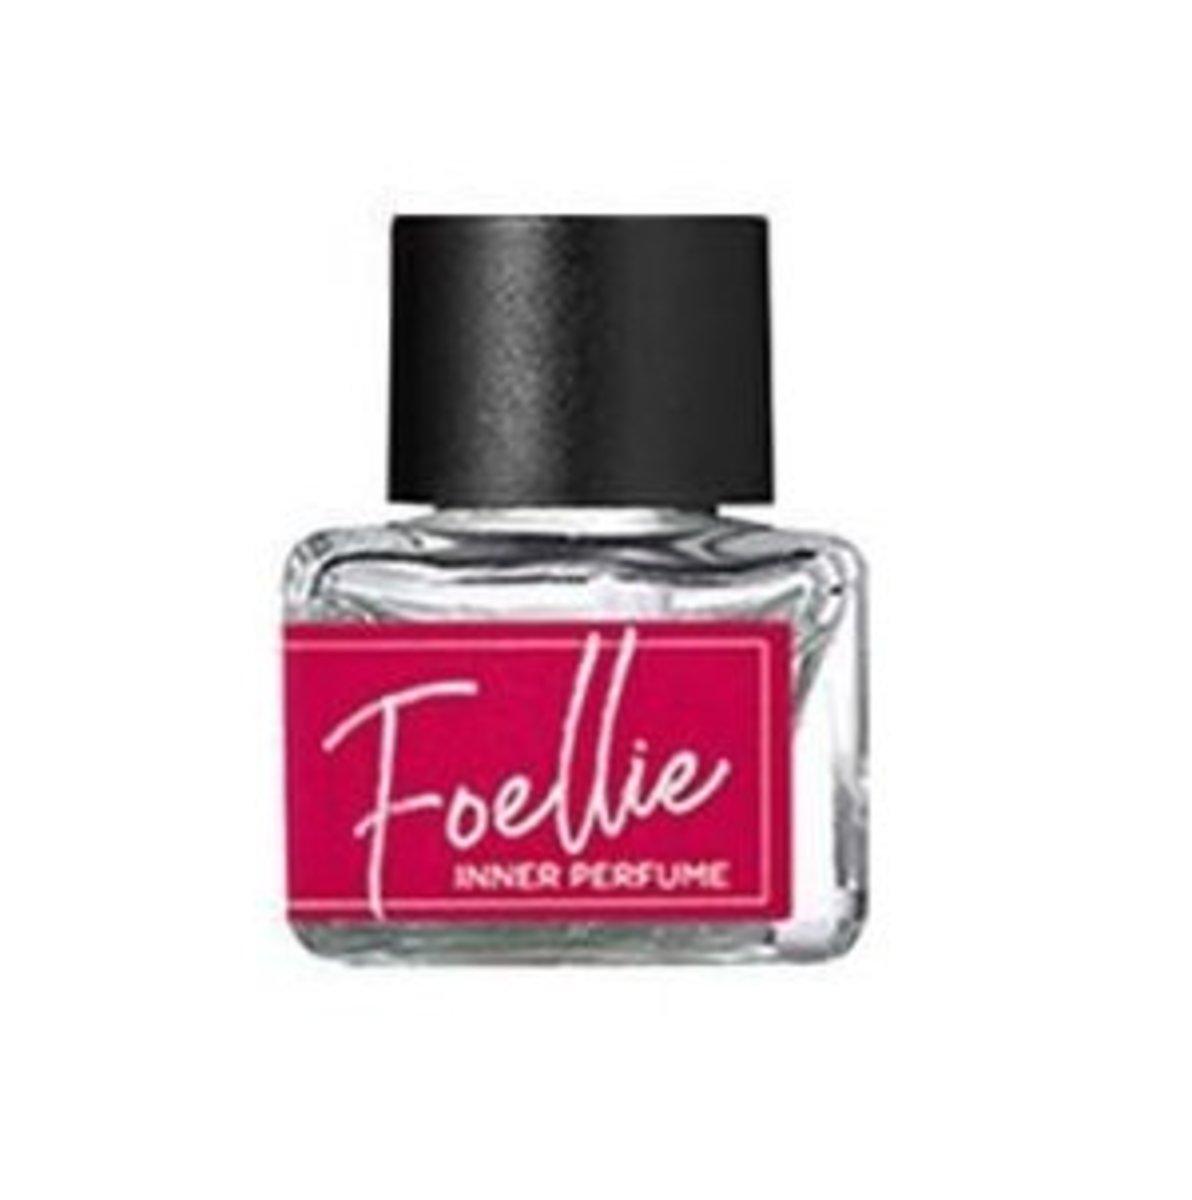 Feminine Inner Violet Fragrance Perfume 5ml